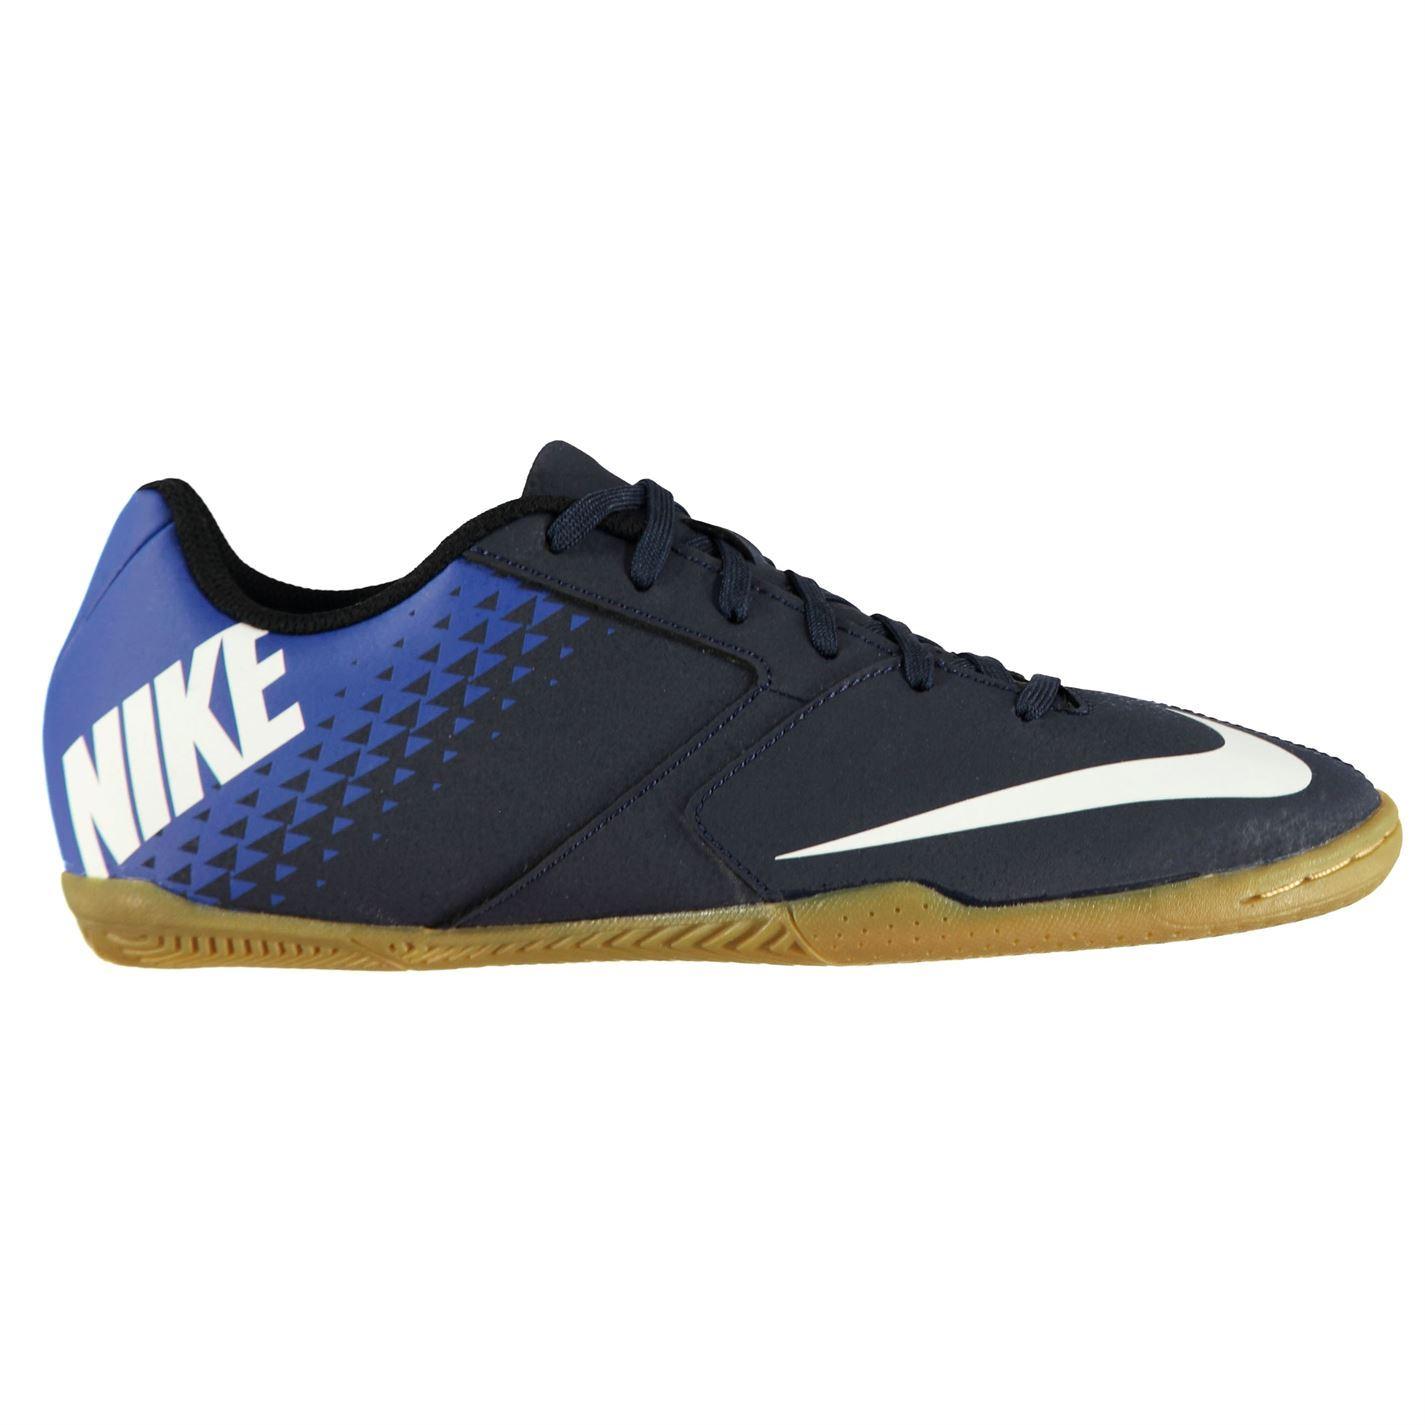 154c20cf3 Nike BOMBA x Calcio Indoor Court Scarpe da ginnastica Uomo Calcio ...